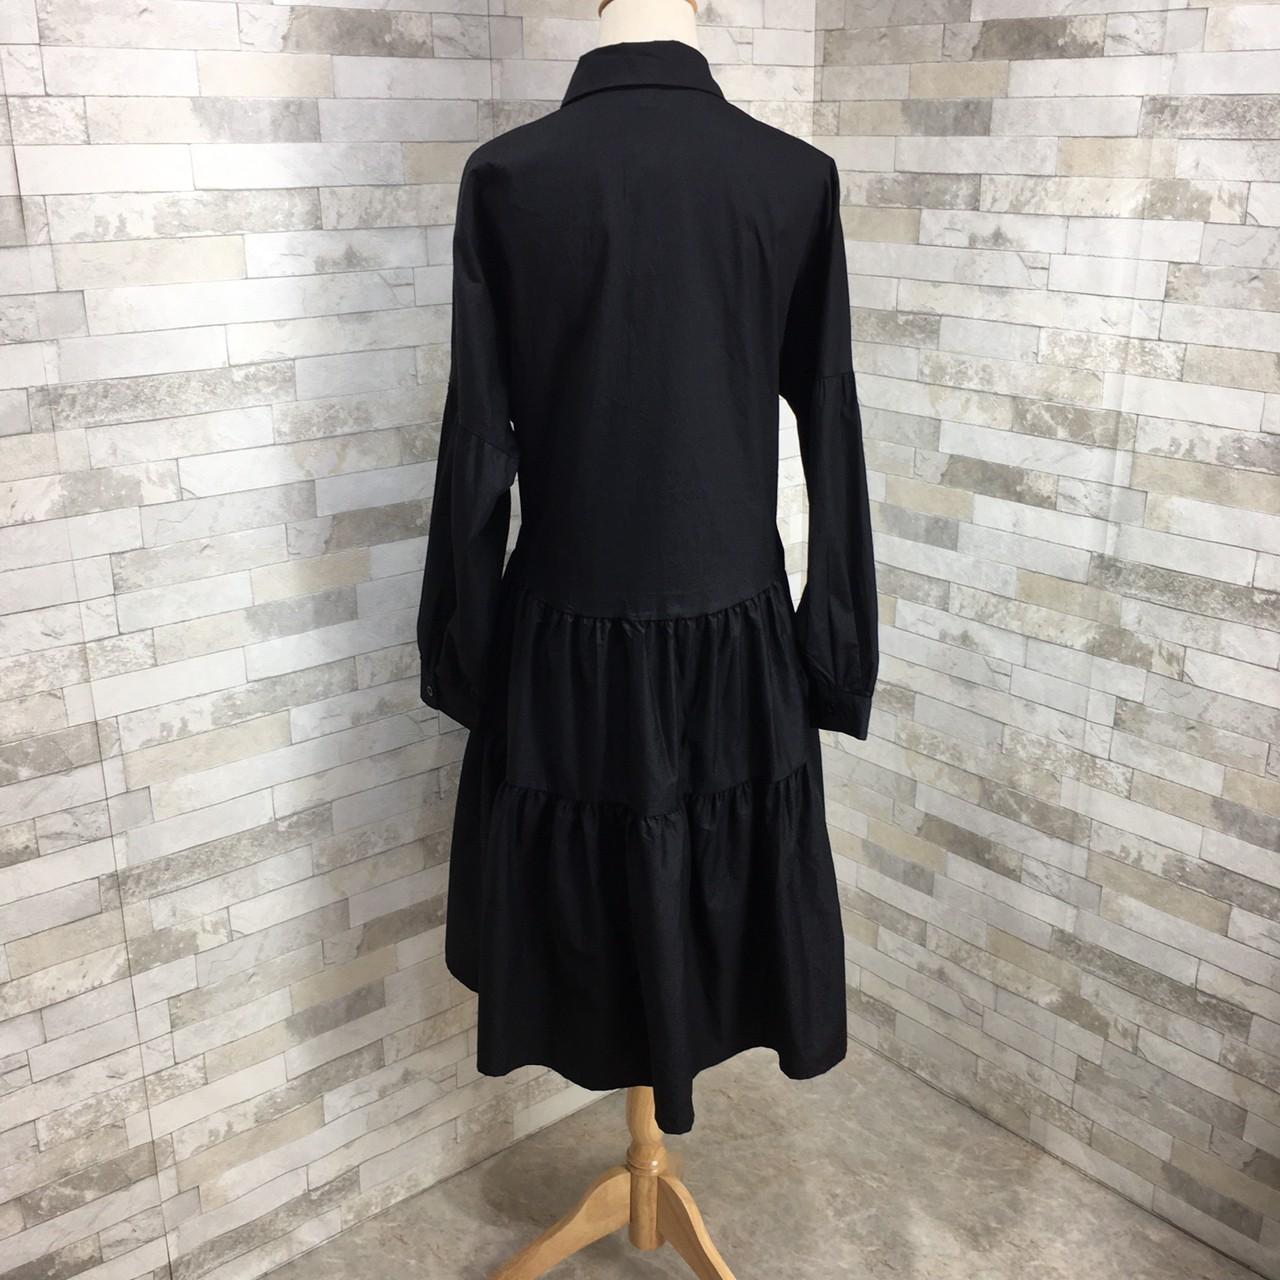 【即納】韓国 ファッション ワンピース 春 夏 秋 カジュアル SPTXI149  ティアード ドレープ ギャザー ゆったり オルチャン シンプル 定番 セレカジの写真13枚目